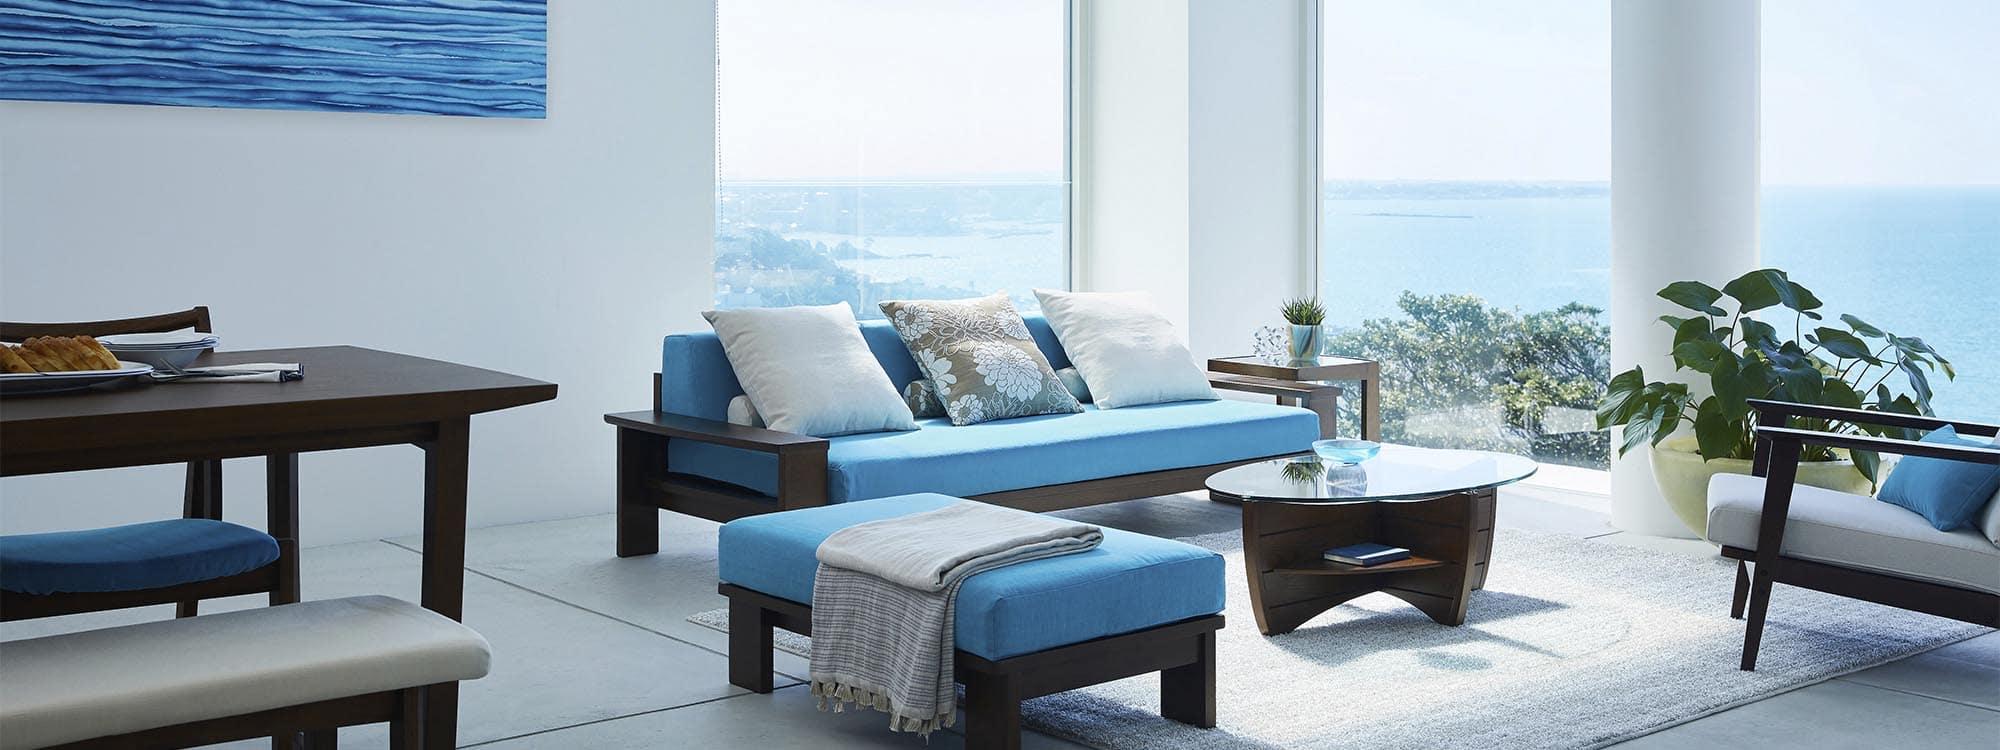 8つのa.flatスタイル ~アジアン家具~